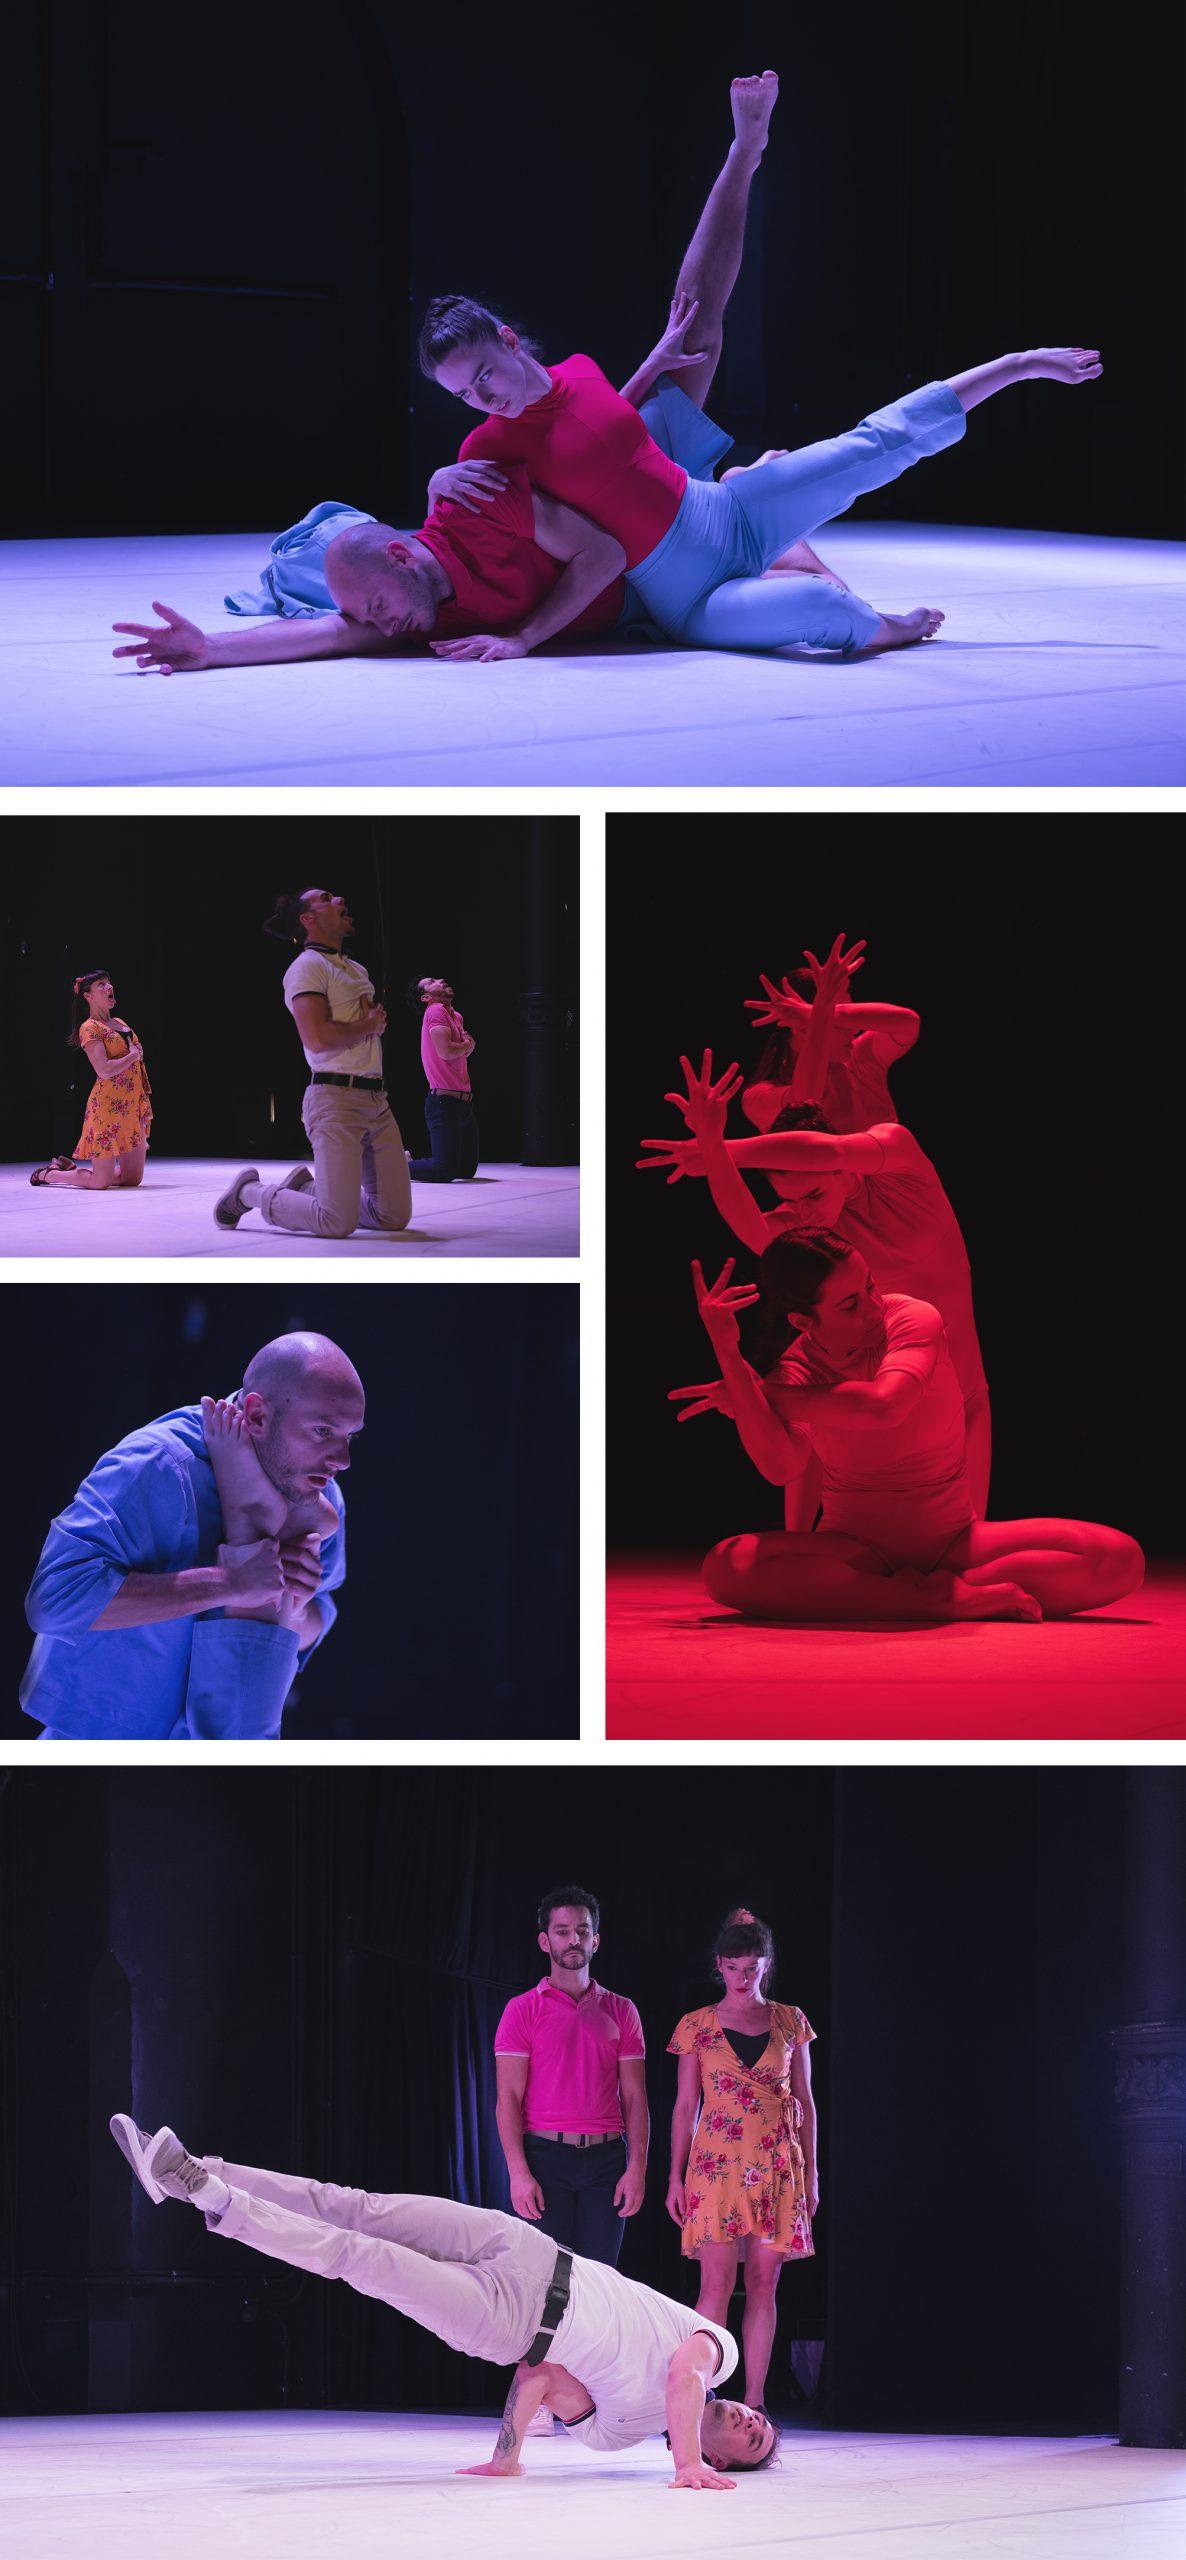 Mai Ibargüen. Reportajes de danza en Zaragoza. Festival Pies para qué los quiero. Teatro del Mercado de Zaragoza